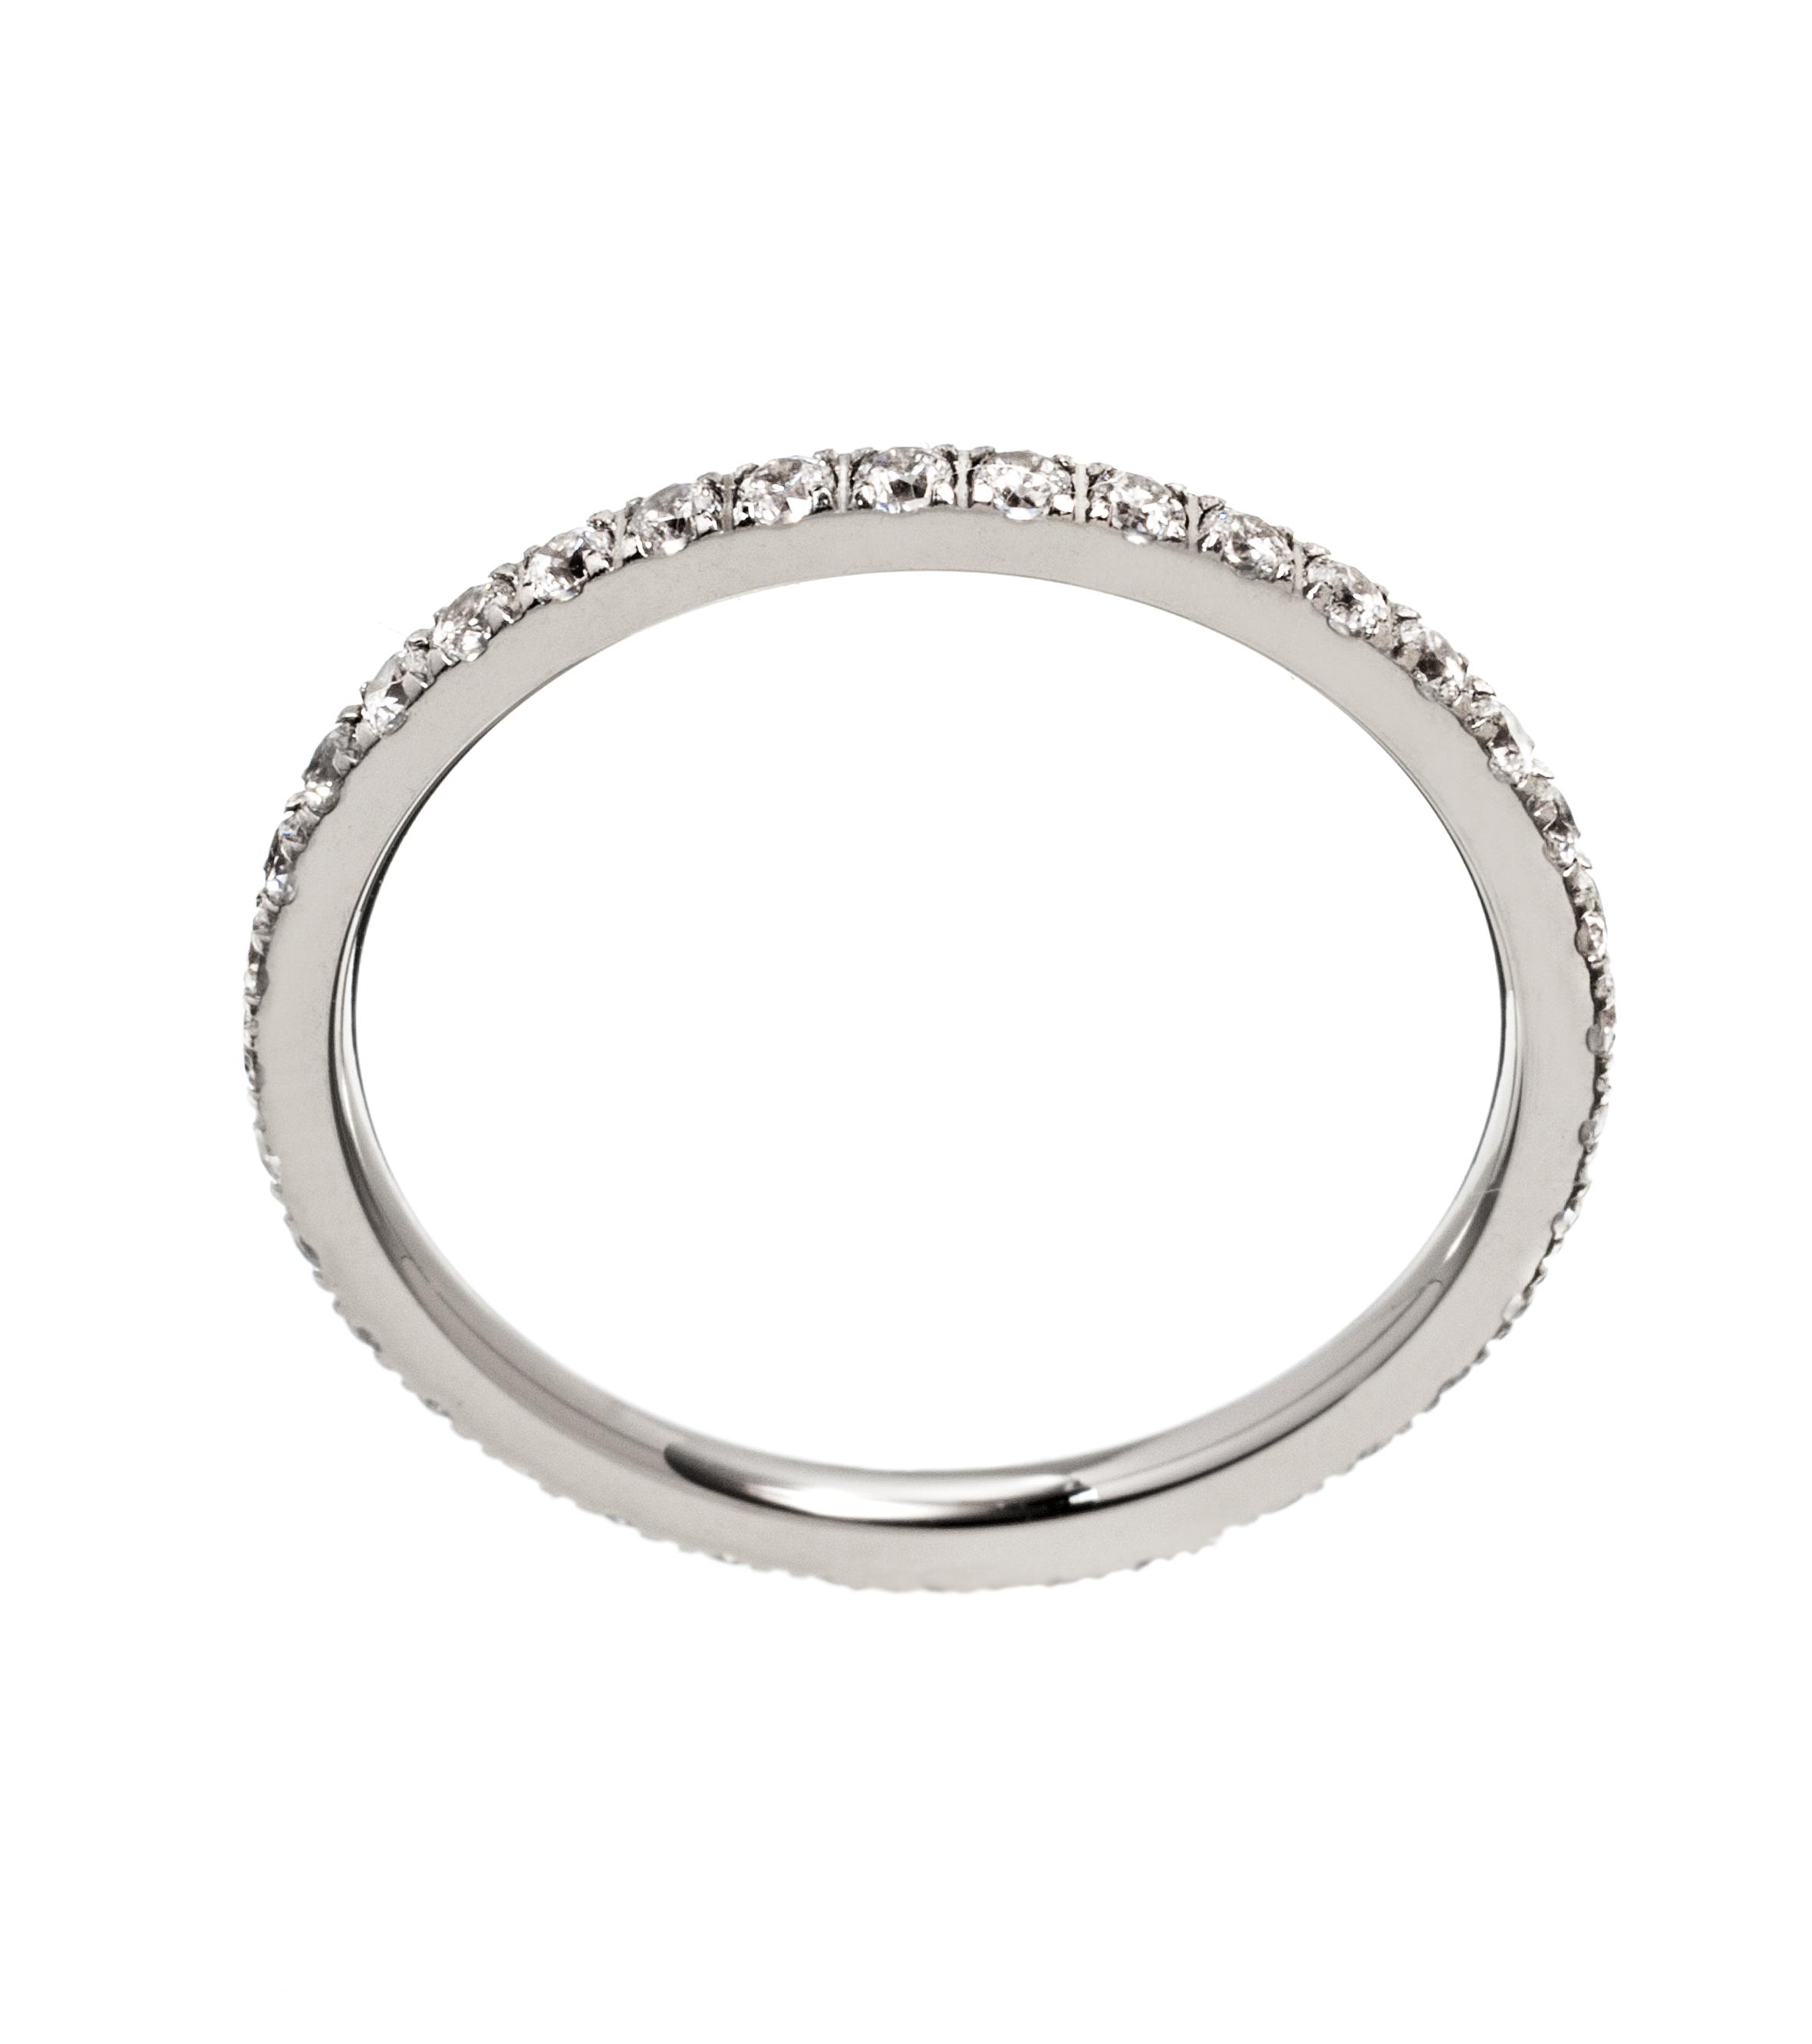 glow ring micro steel m 17 5 mm från edblad   co smycken fe9f41d3390b9